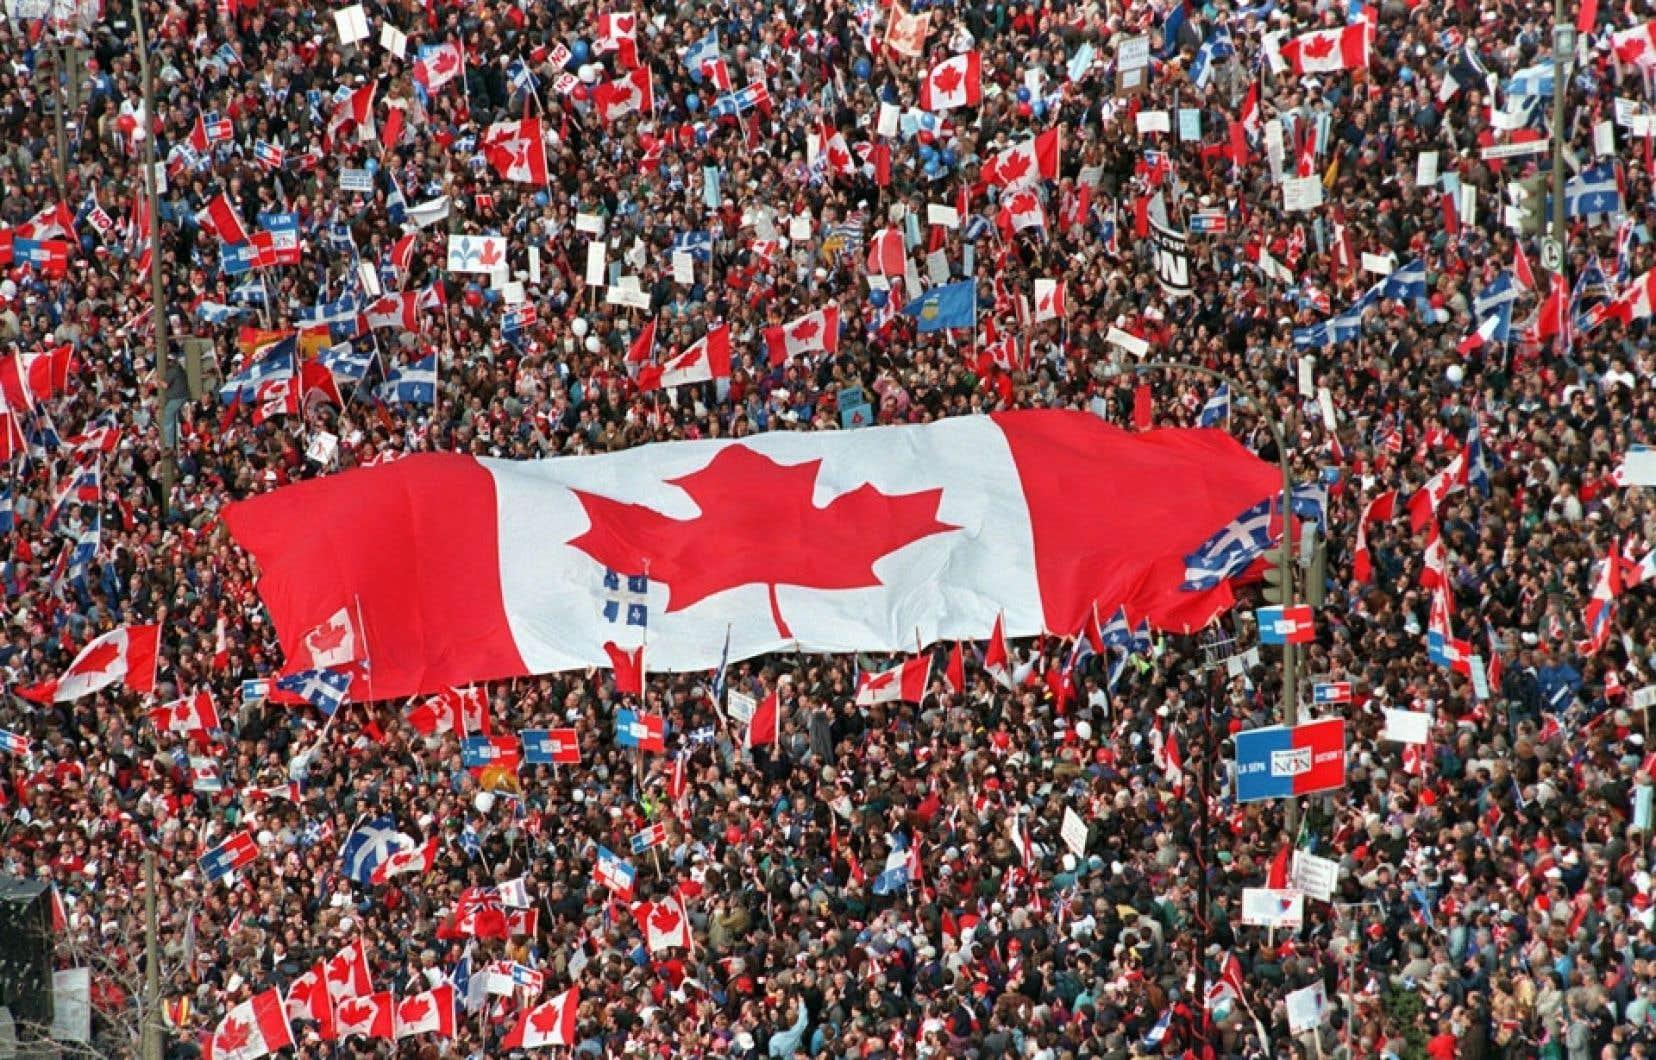 Le 27 octobre 1995, des milliers de Canadiens partisans du Non au référendum québécois ont convergé vers Montréal. Si on lit ce qu'ils écrivent sur nous, sur notre société, sur la honte et le mépris qu'ils nourrissent à notre endroit, et sur le fardeau économique que nous représentons pour le Canada, on peut pourtant se demander pourquoi les Canadiens anglais s'opposent à l'indépendance du Québec, estime l'auteur.